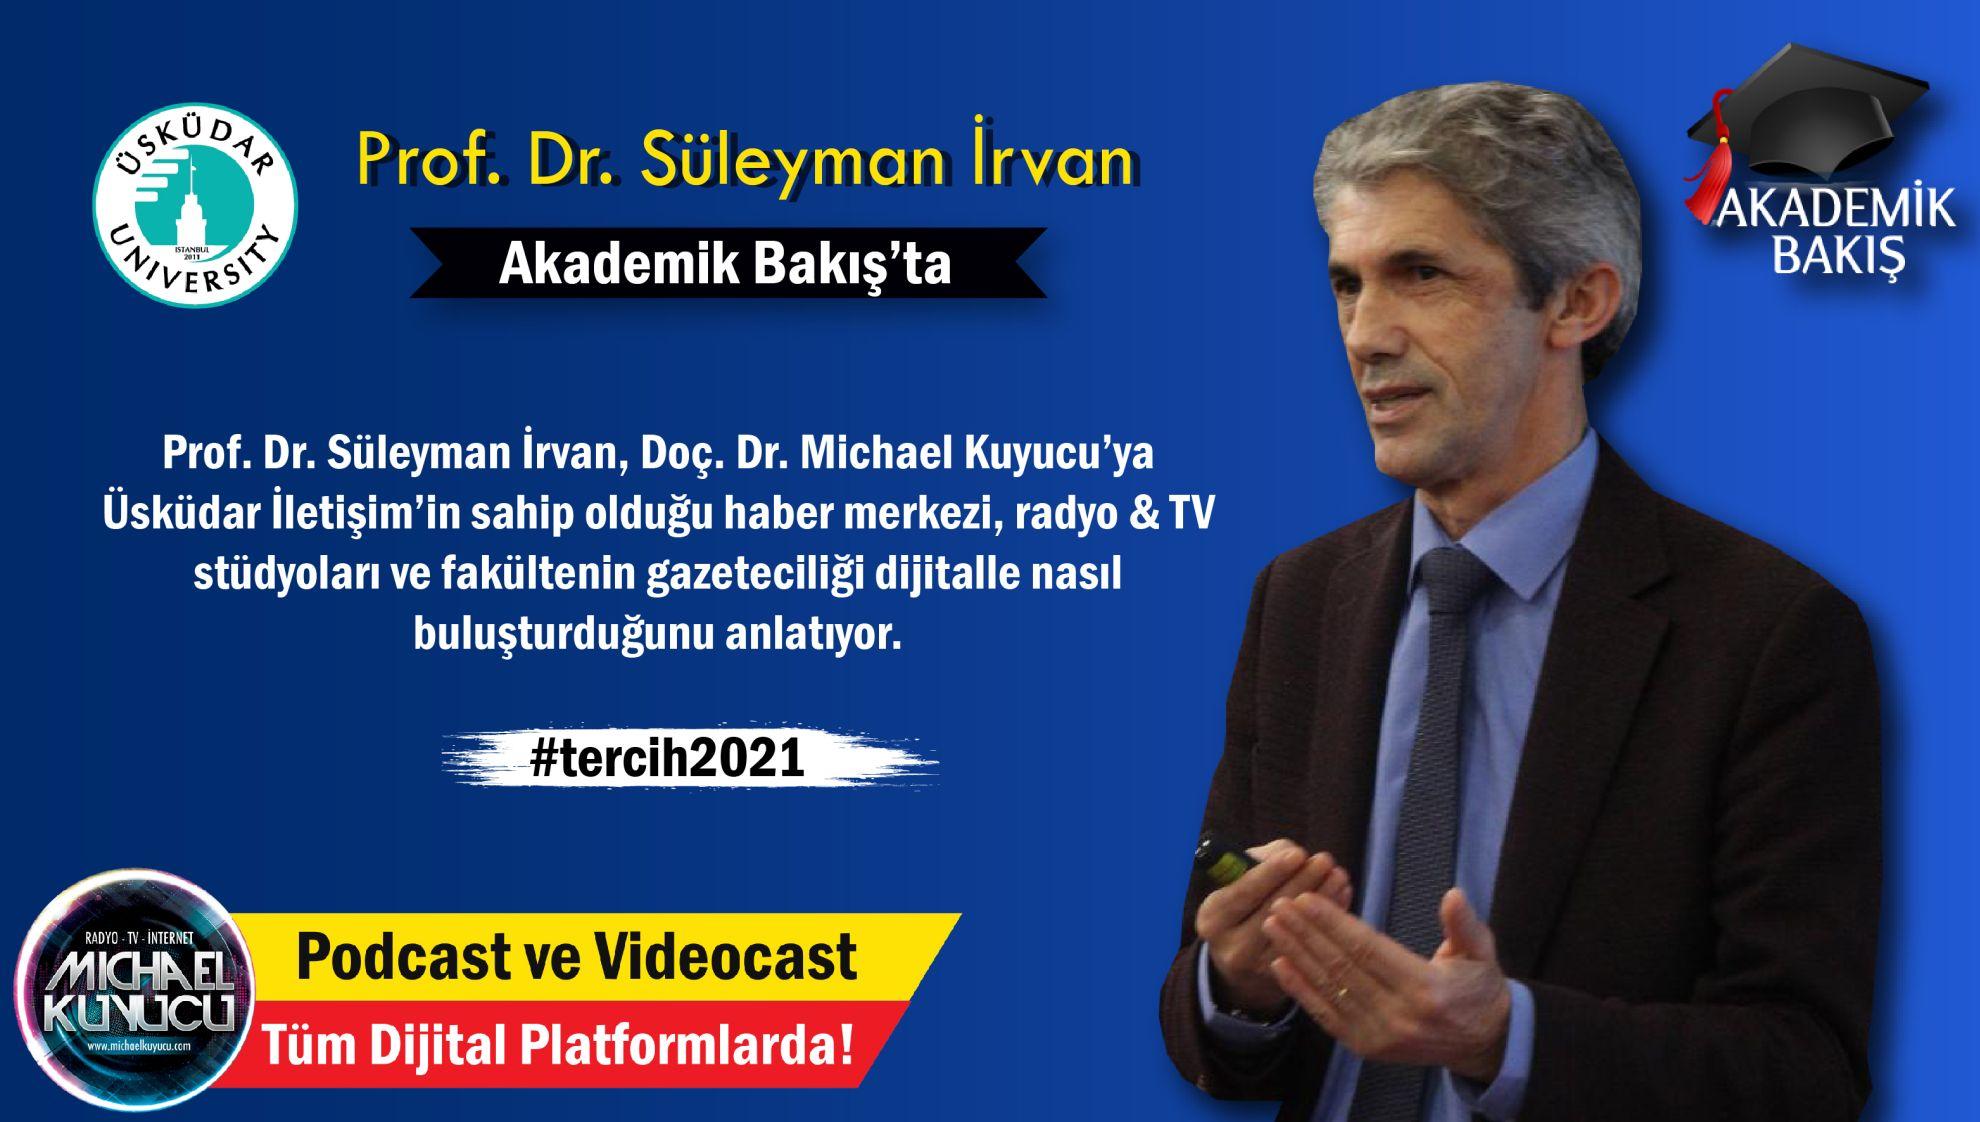 Prof. Dr. Süleyman İrvan: Gazeteciliği İnternet Gazeteciliği ile Birleştiriyoruz